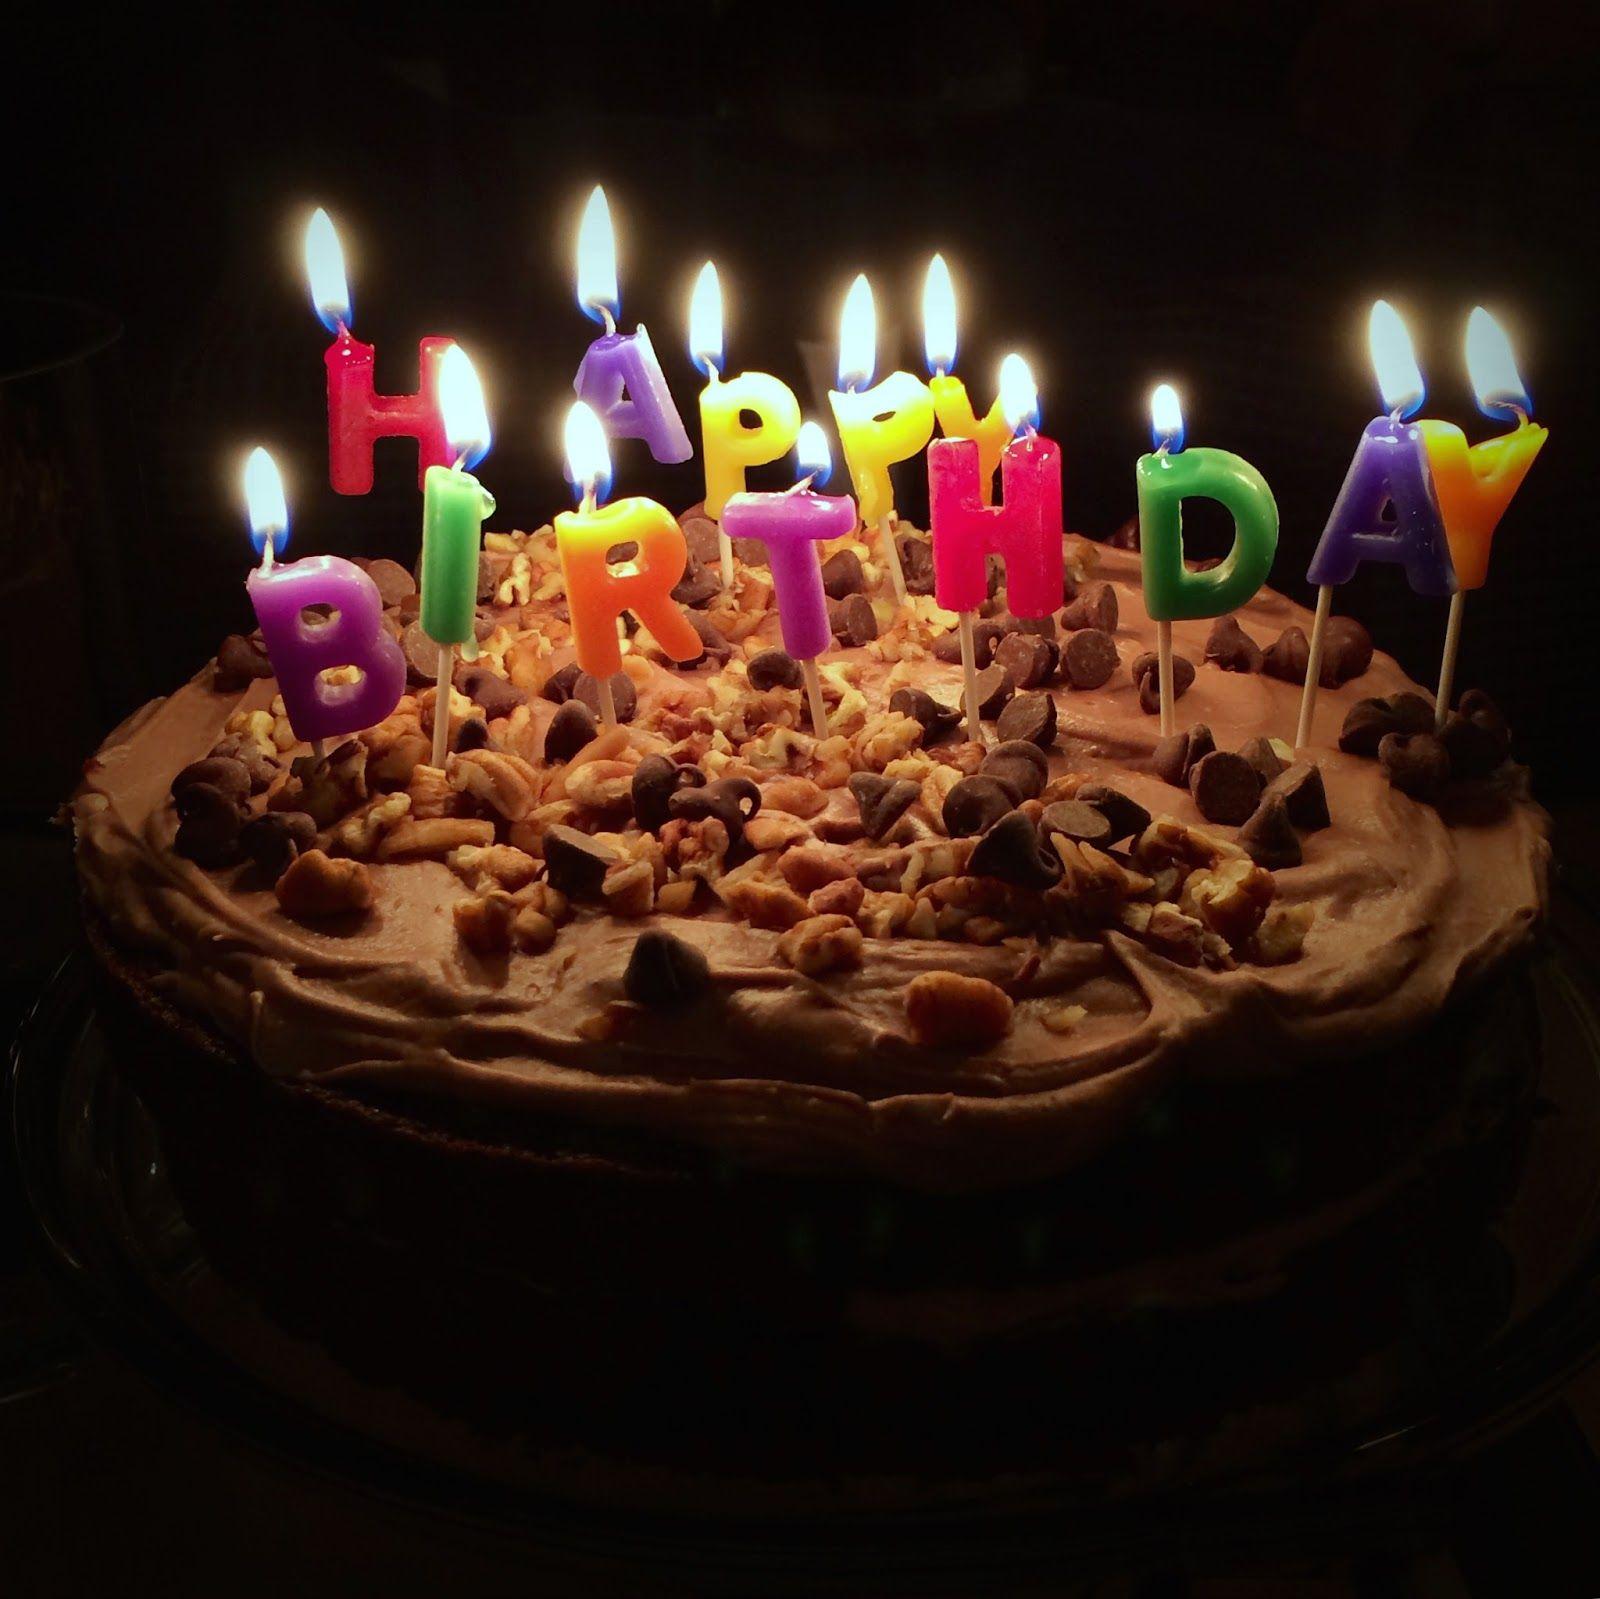 Tradition Jesus birthday cake, Singing happy birthday